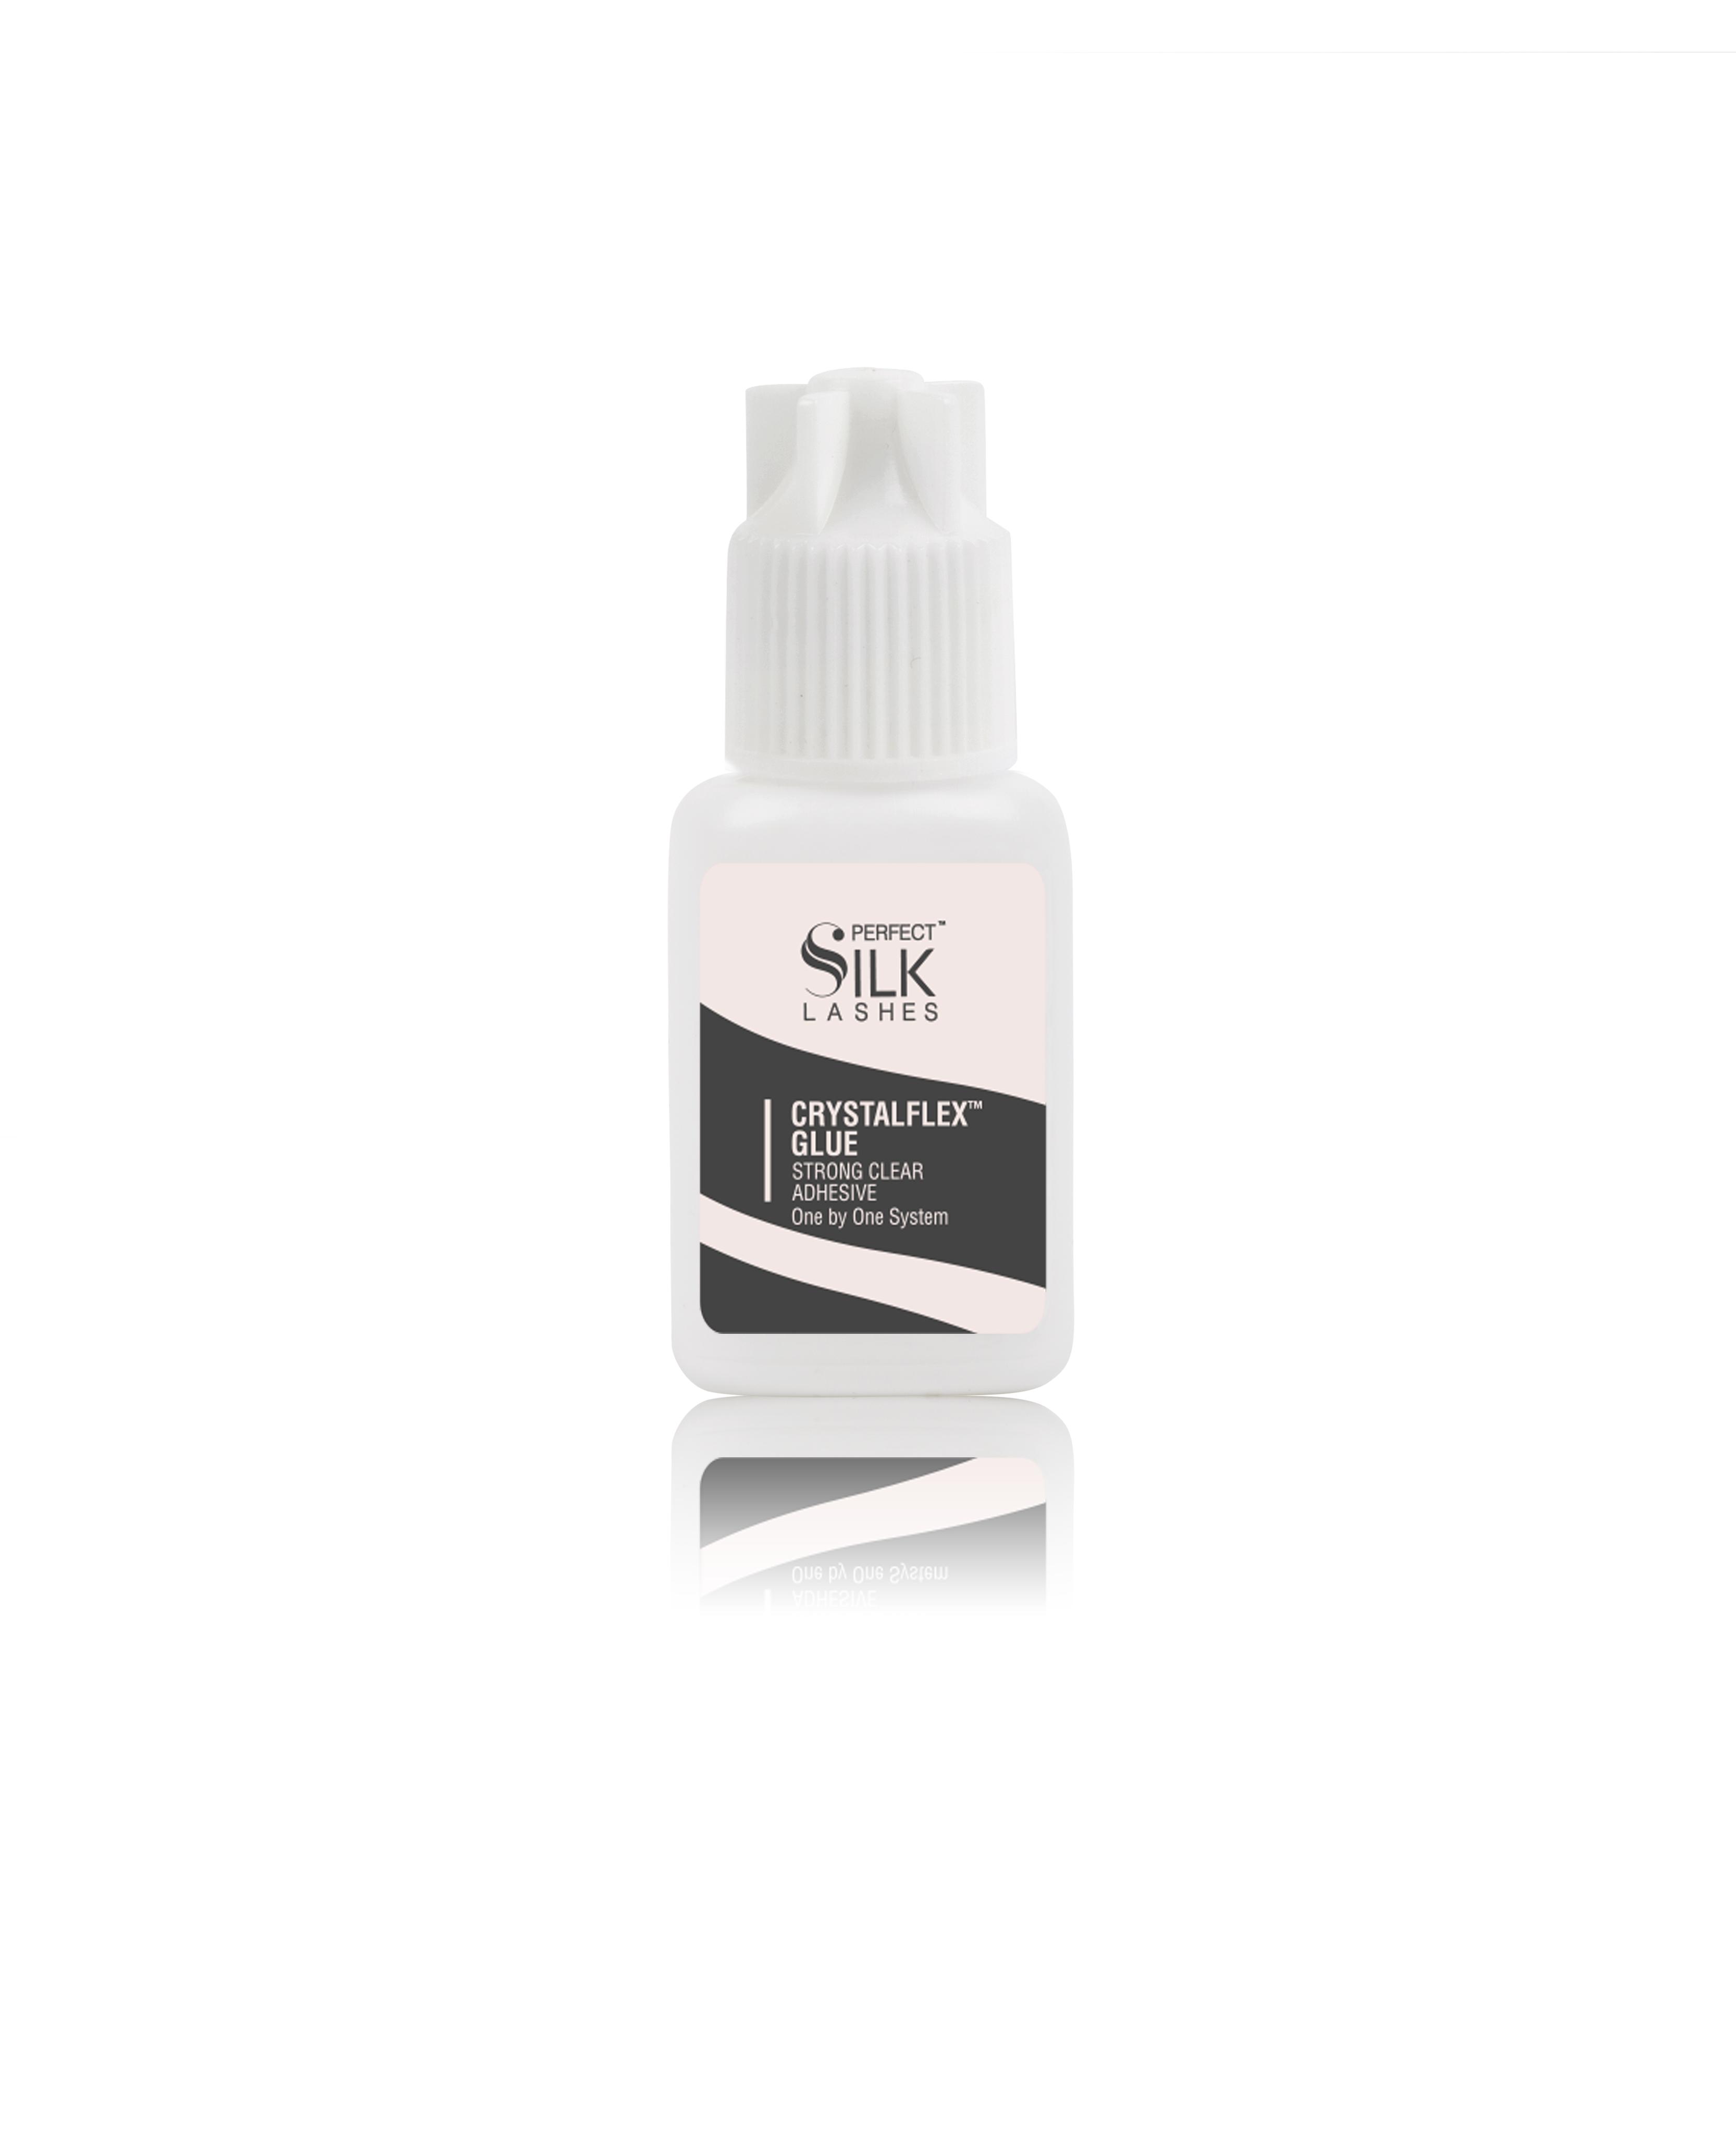 CrystalFlex™ Glue